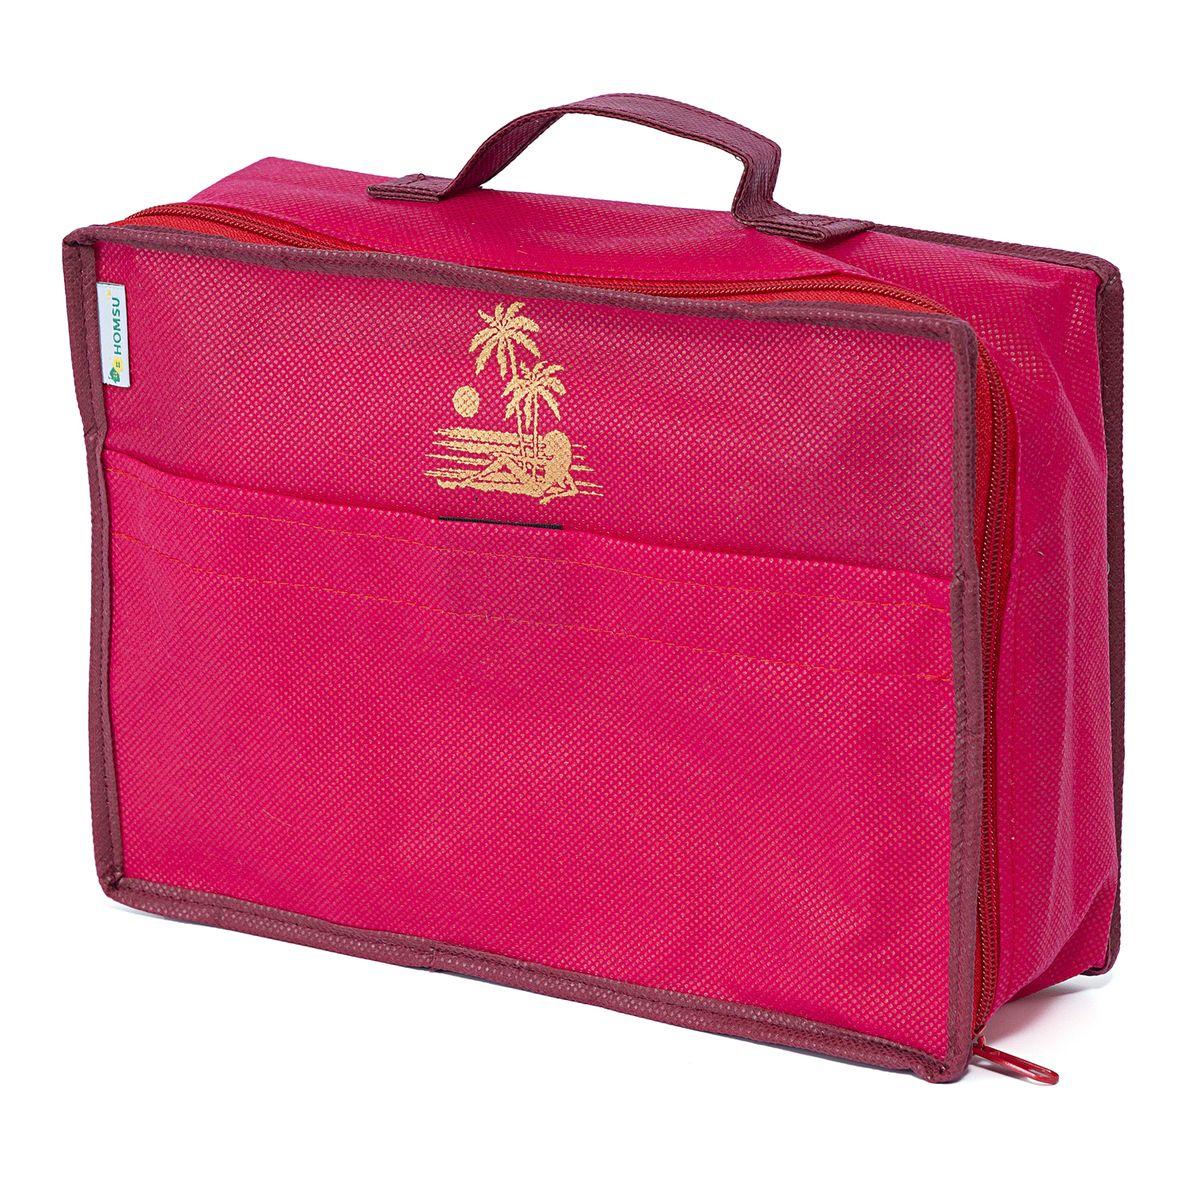 Сумка для багажа Homsu Lady in Red, 28 х 20 х 9 смHOM-658Вместе с оригинальным современным дизайном такая сумка для багажа принесёт также очень существенную практическую пользу в любом путешествии. Благодаря ей,вы сможете распределить все вещи, которые возьмёте с собой таким образом, что всегда иметь быстрый доступ к ним, и при этом надёжно защитить от пыли, грязи, влажности или механических повреждений. Размер изделия:28x20x9см.